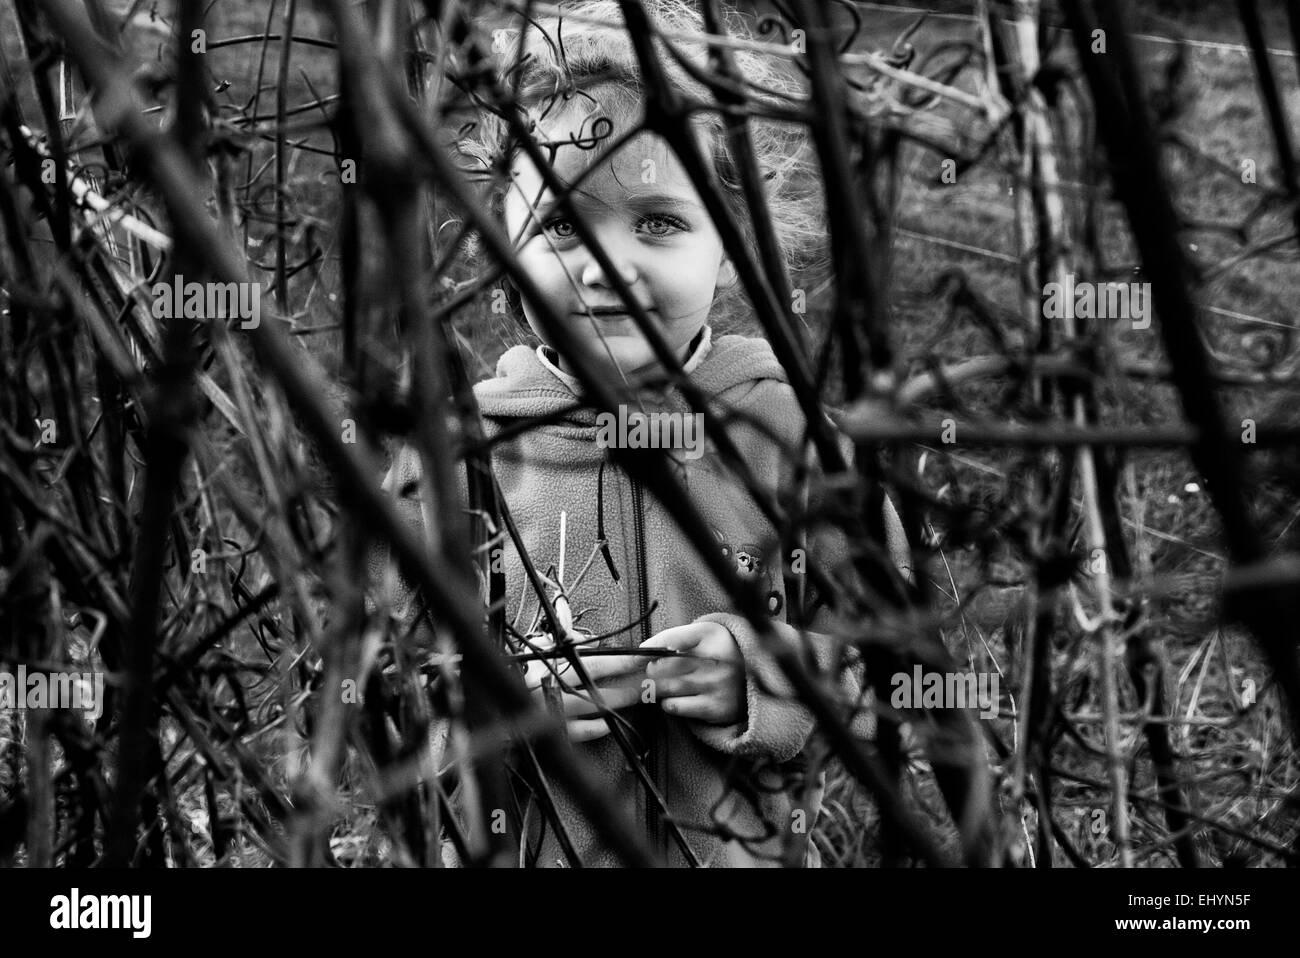 Fille de se cacher derrière les buissons Photo Stock